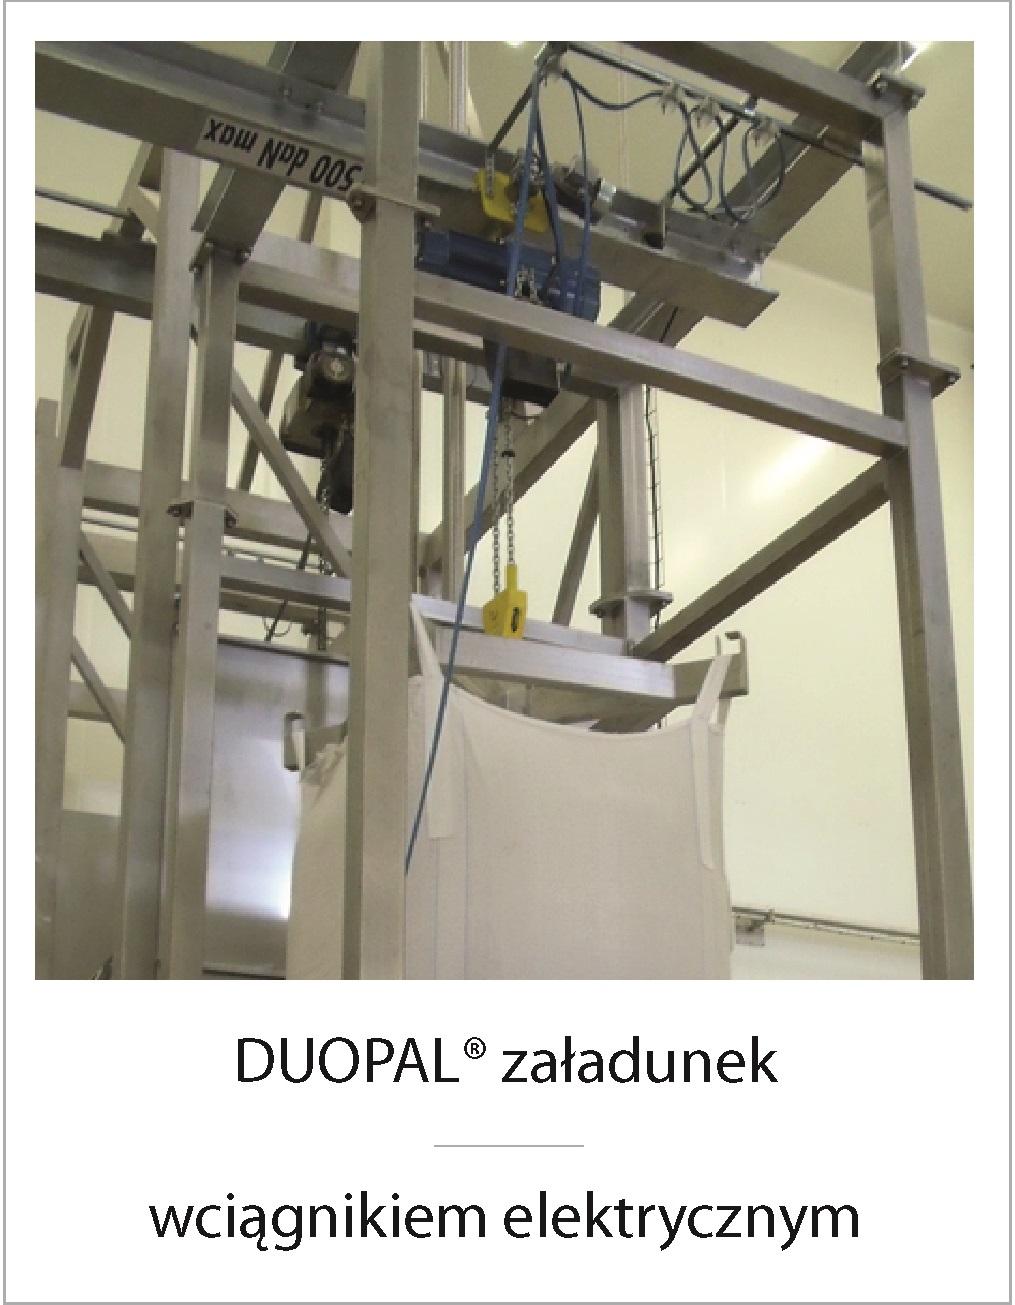 Duopal_zaladunek_wciagnikiem_elektrycznym.jpg